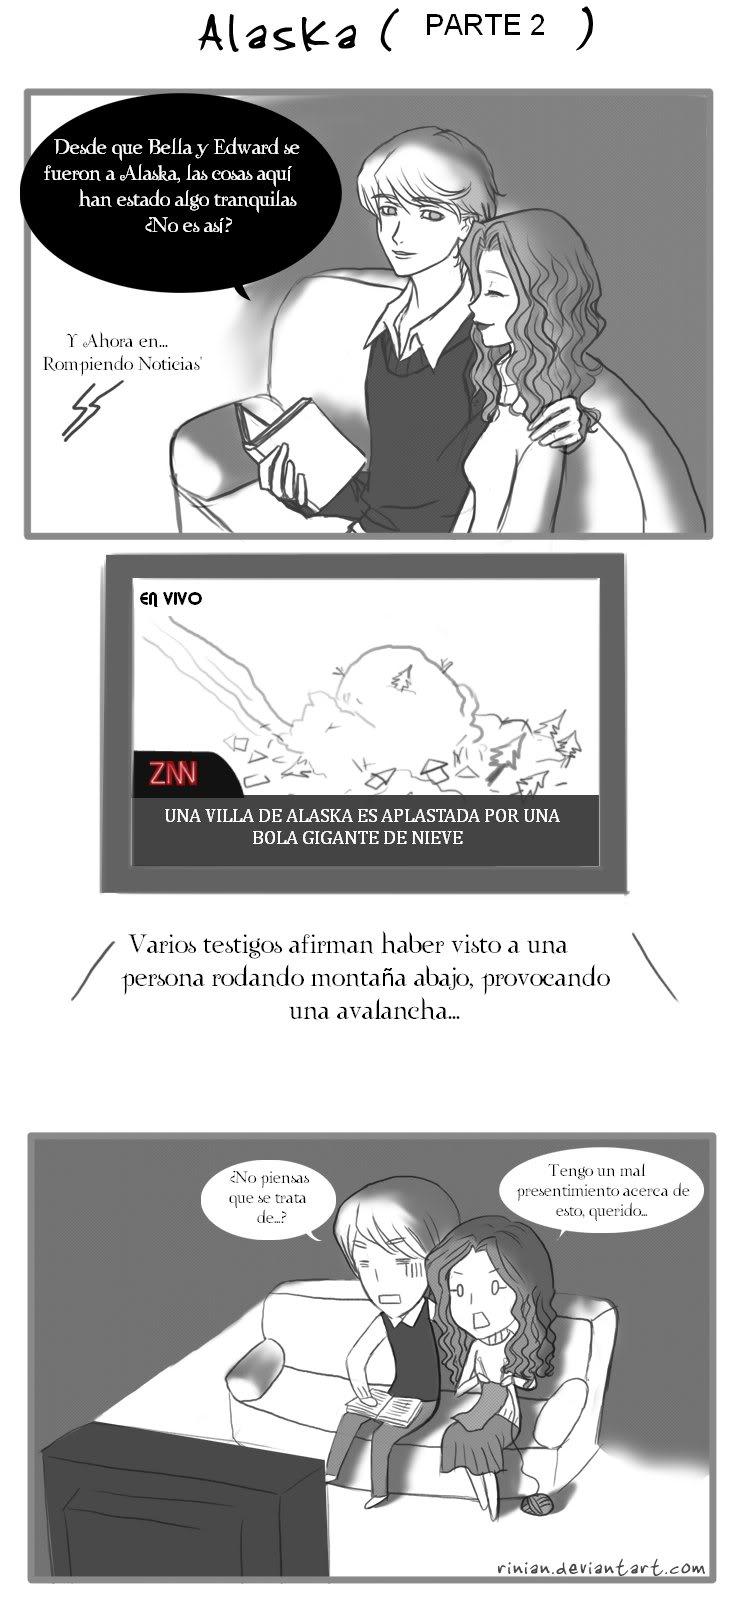 Cómics Alaska-comic2